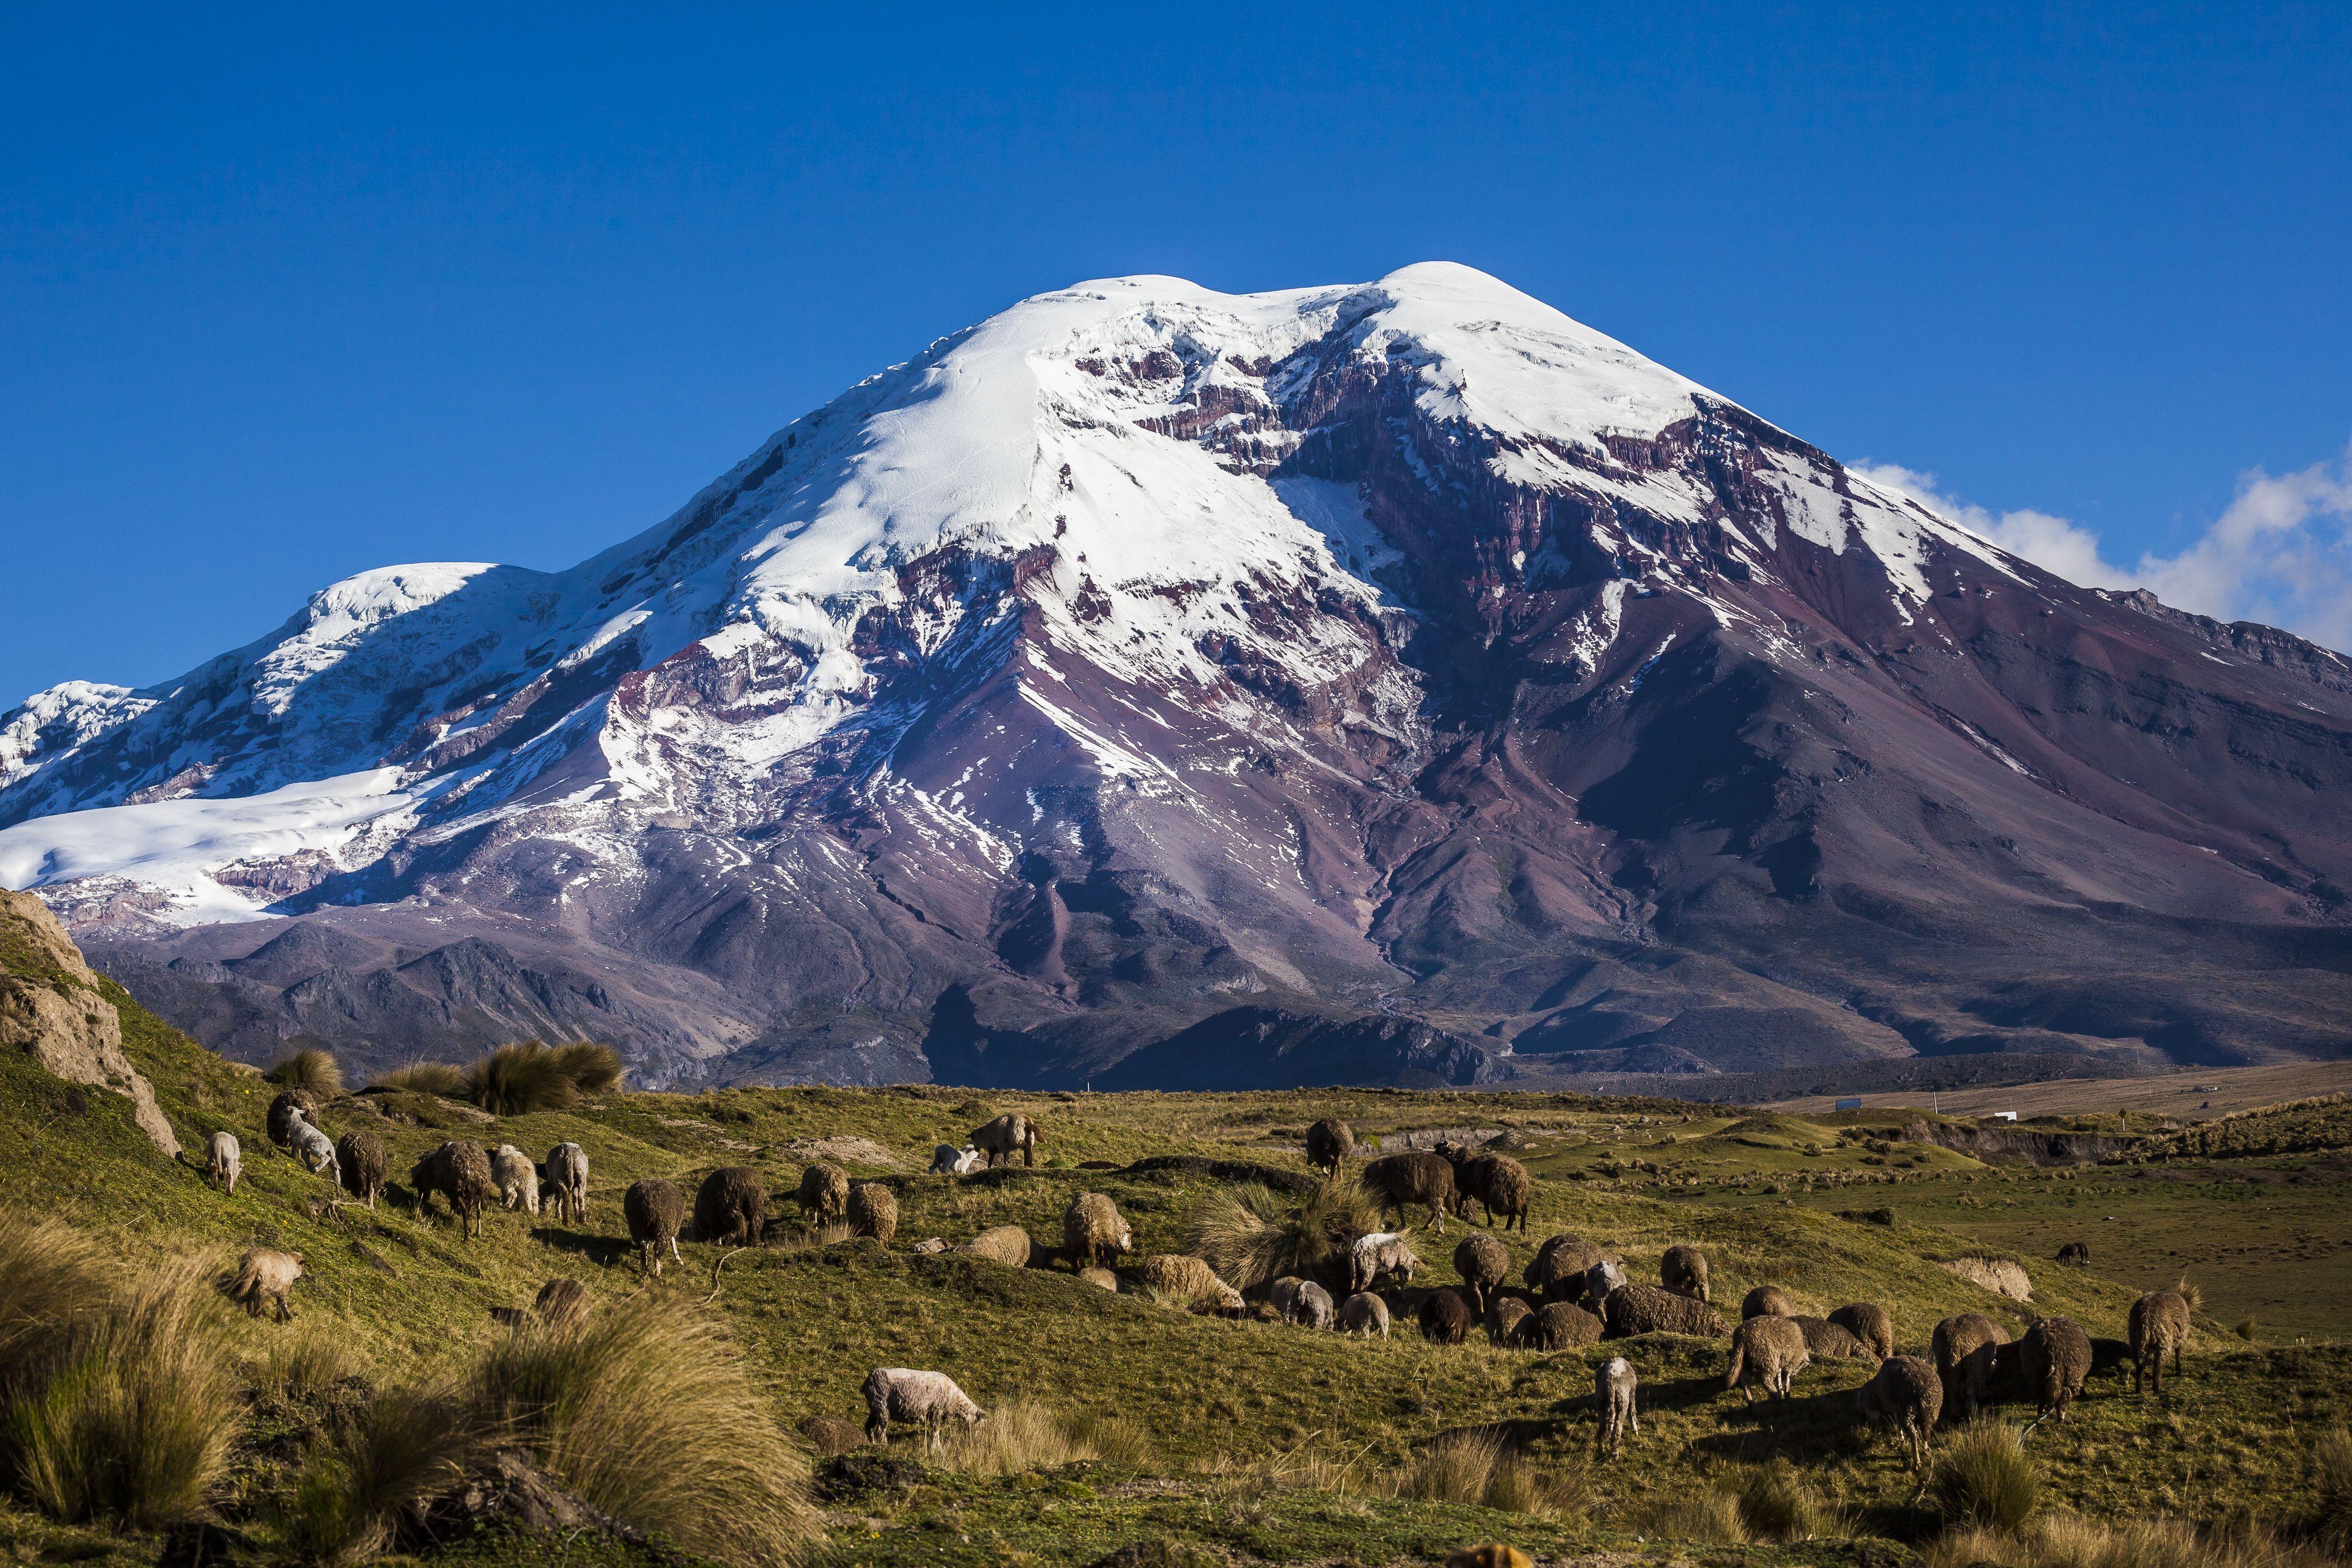 Chimborazo je od středu země vzdálena 6 384 404 metrů. O několik metrů tak předčí Everest.